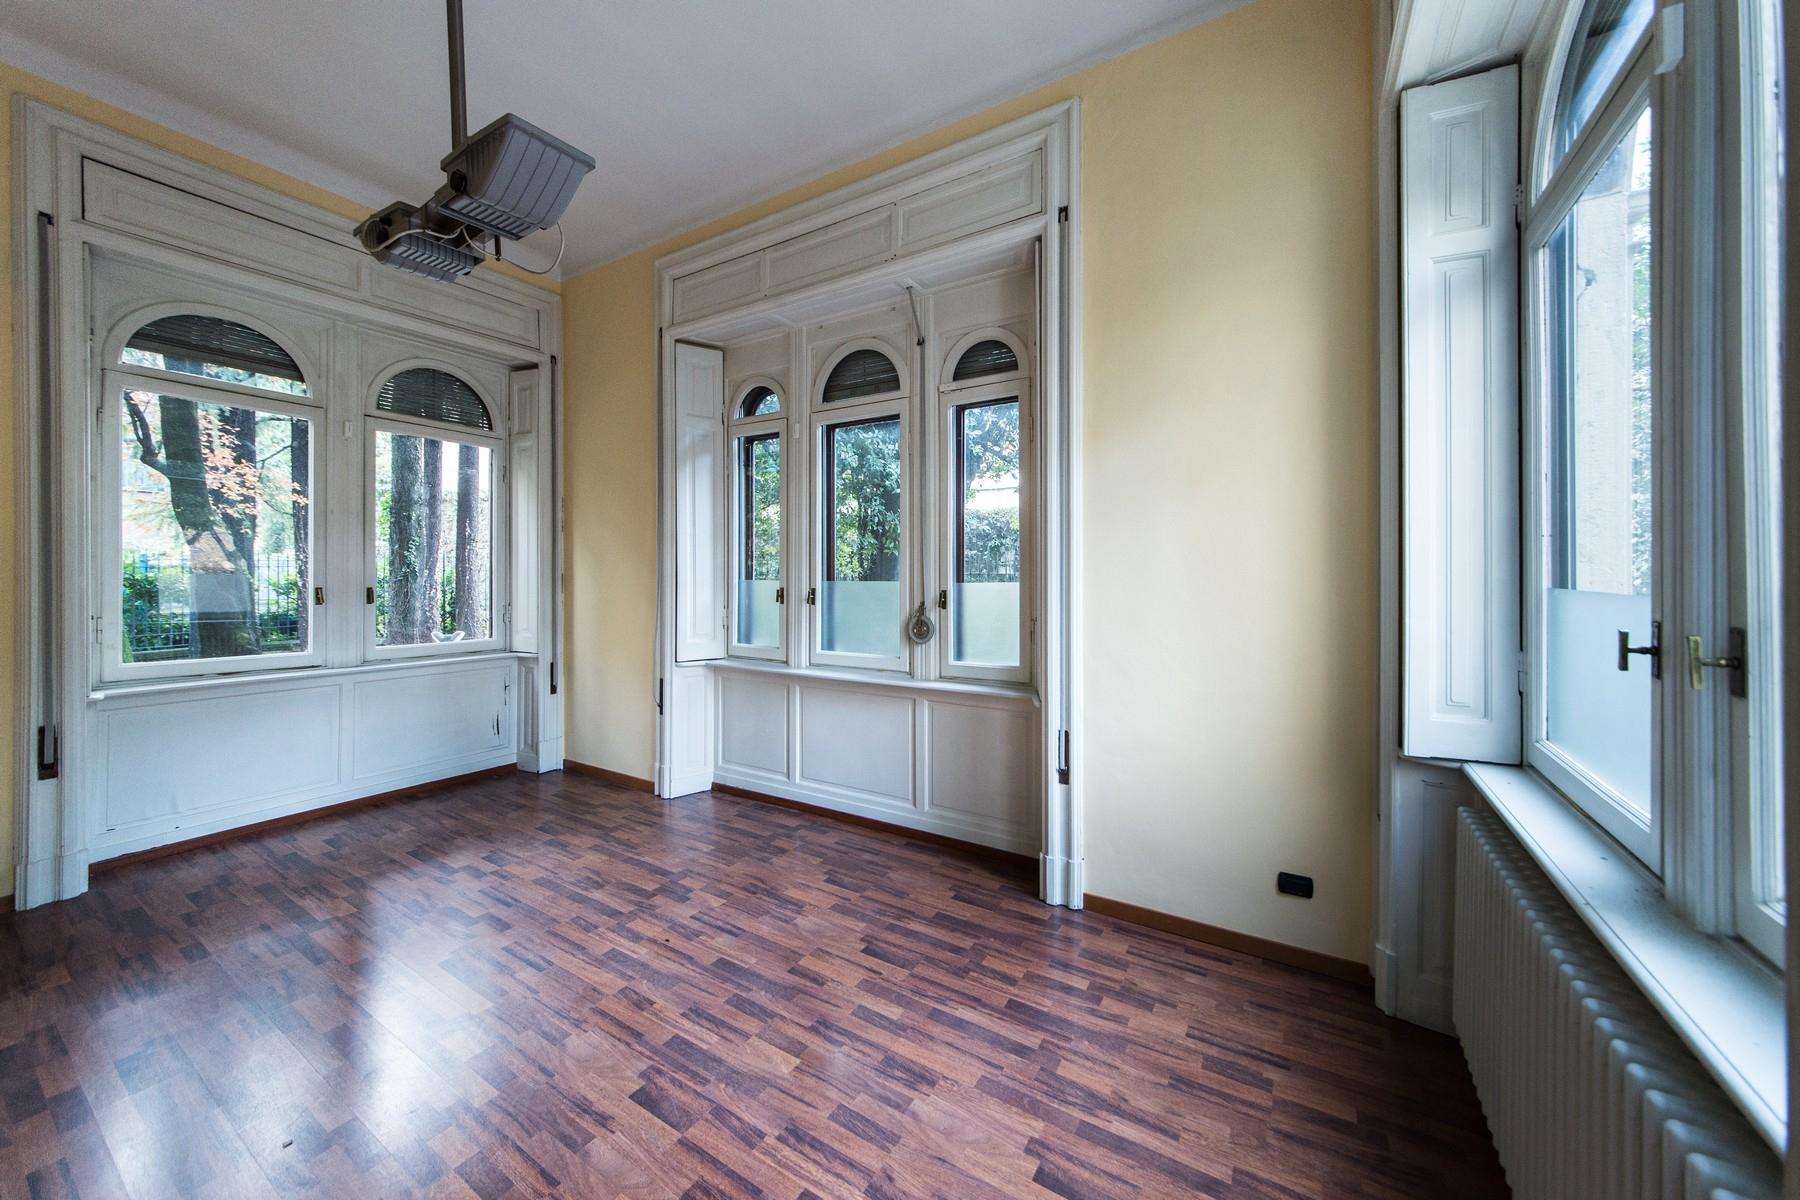 Ufficio-studio in Vendita a Como: 0 locali, 230 mq - Foto 8